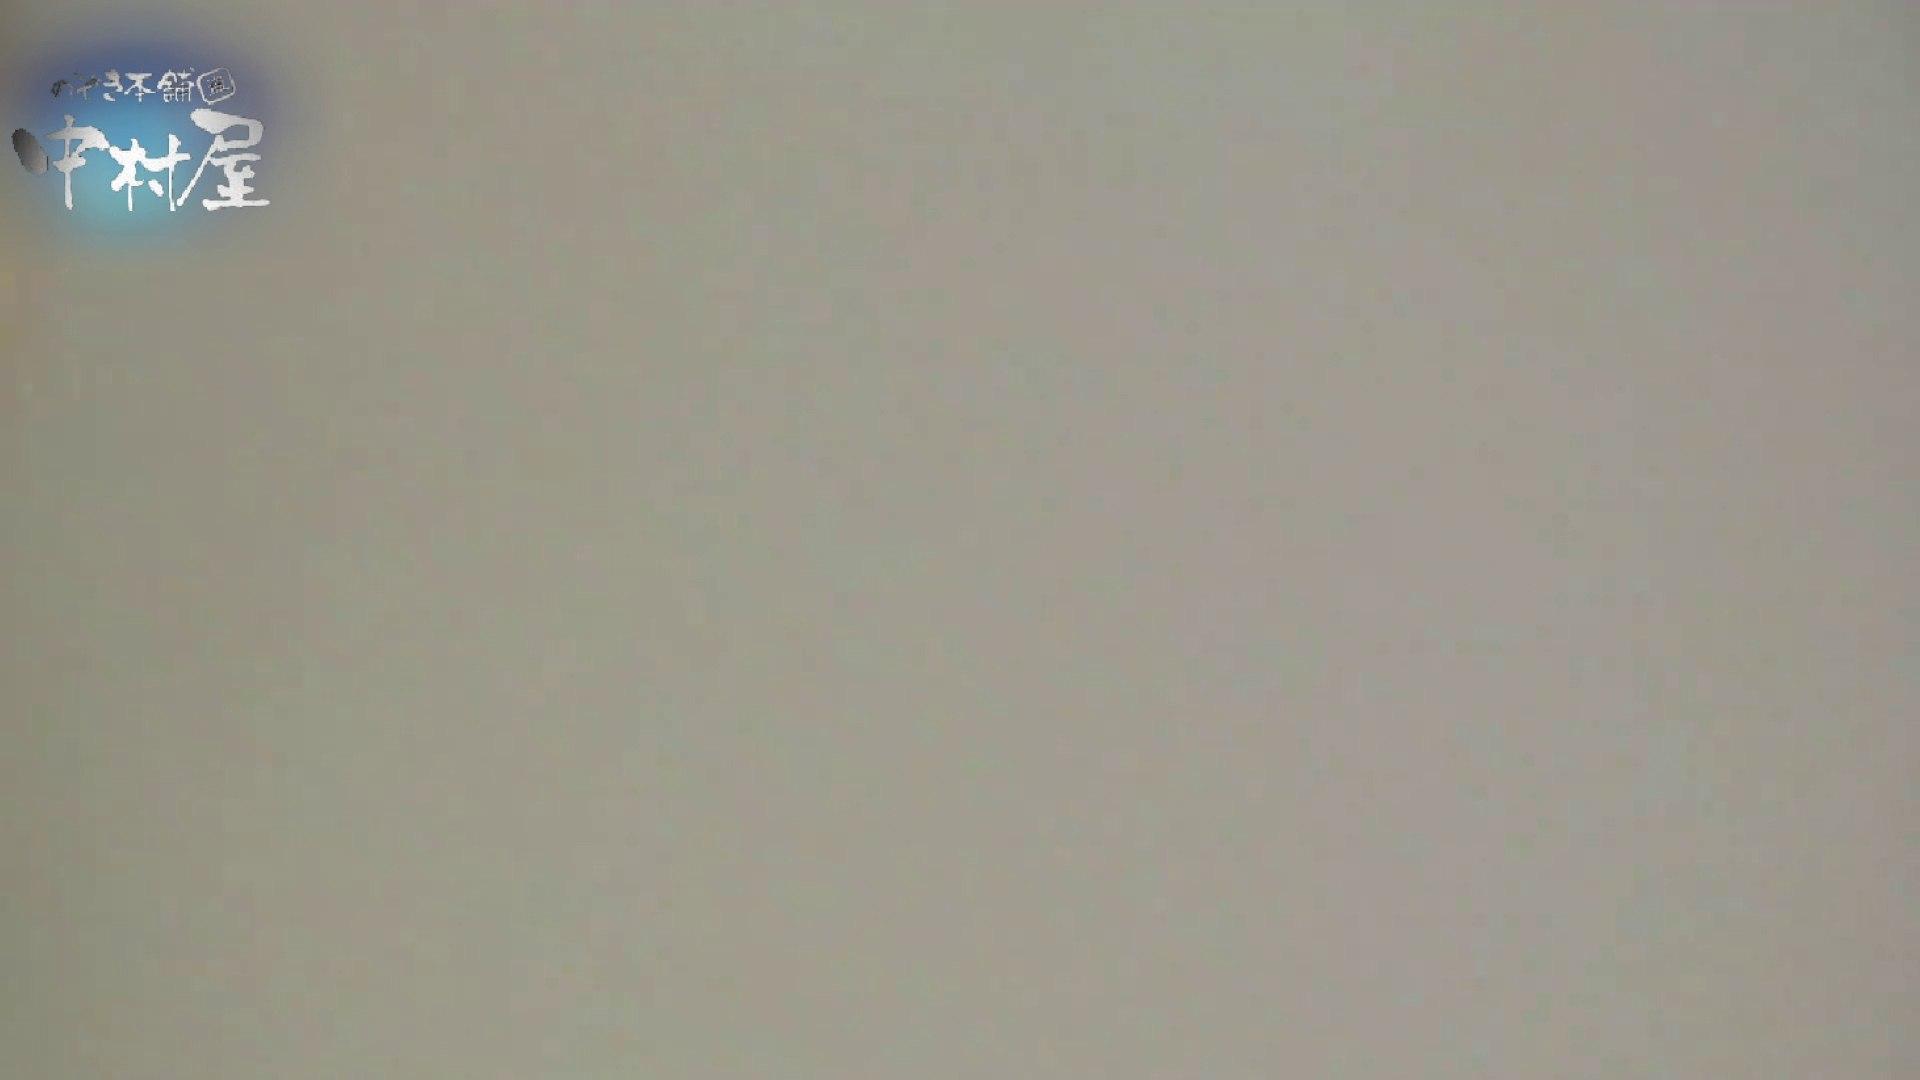 乙女集まる!ショッピングモール潜入撮vol.05 和式 隠し撮りすけべAV動画紹介 109PICs 5